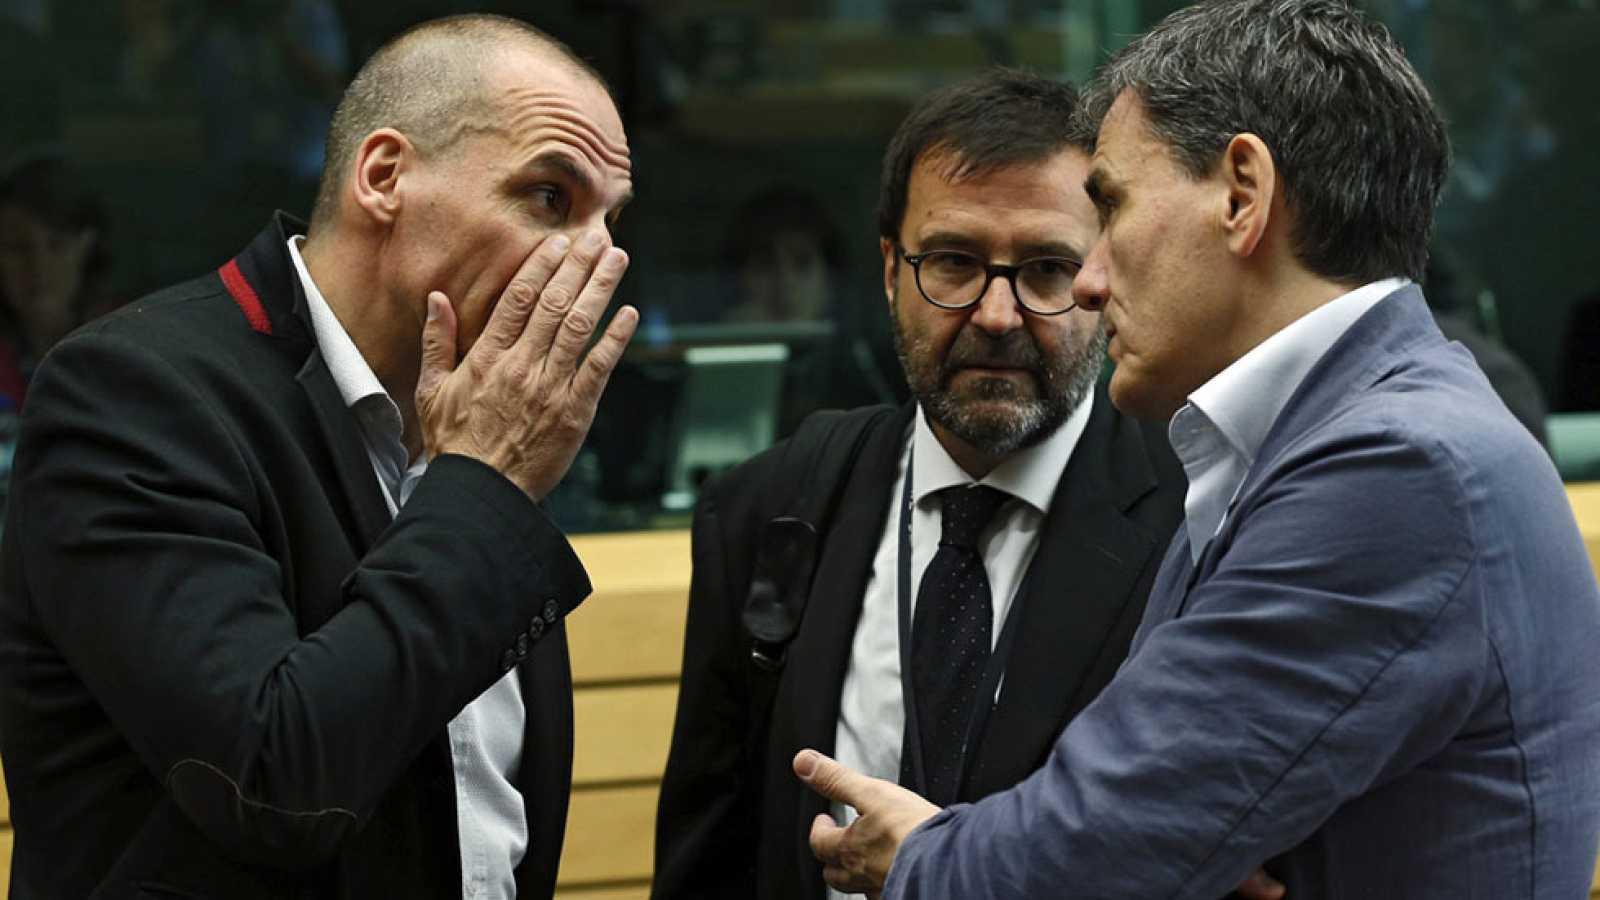 """Los acreedores piden más recortes y Grecia se niega a """"trasladar la carga sobre trabajadores y jubilados"""""""